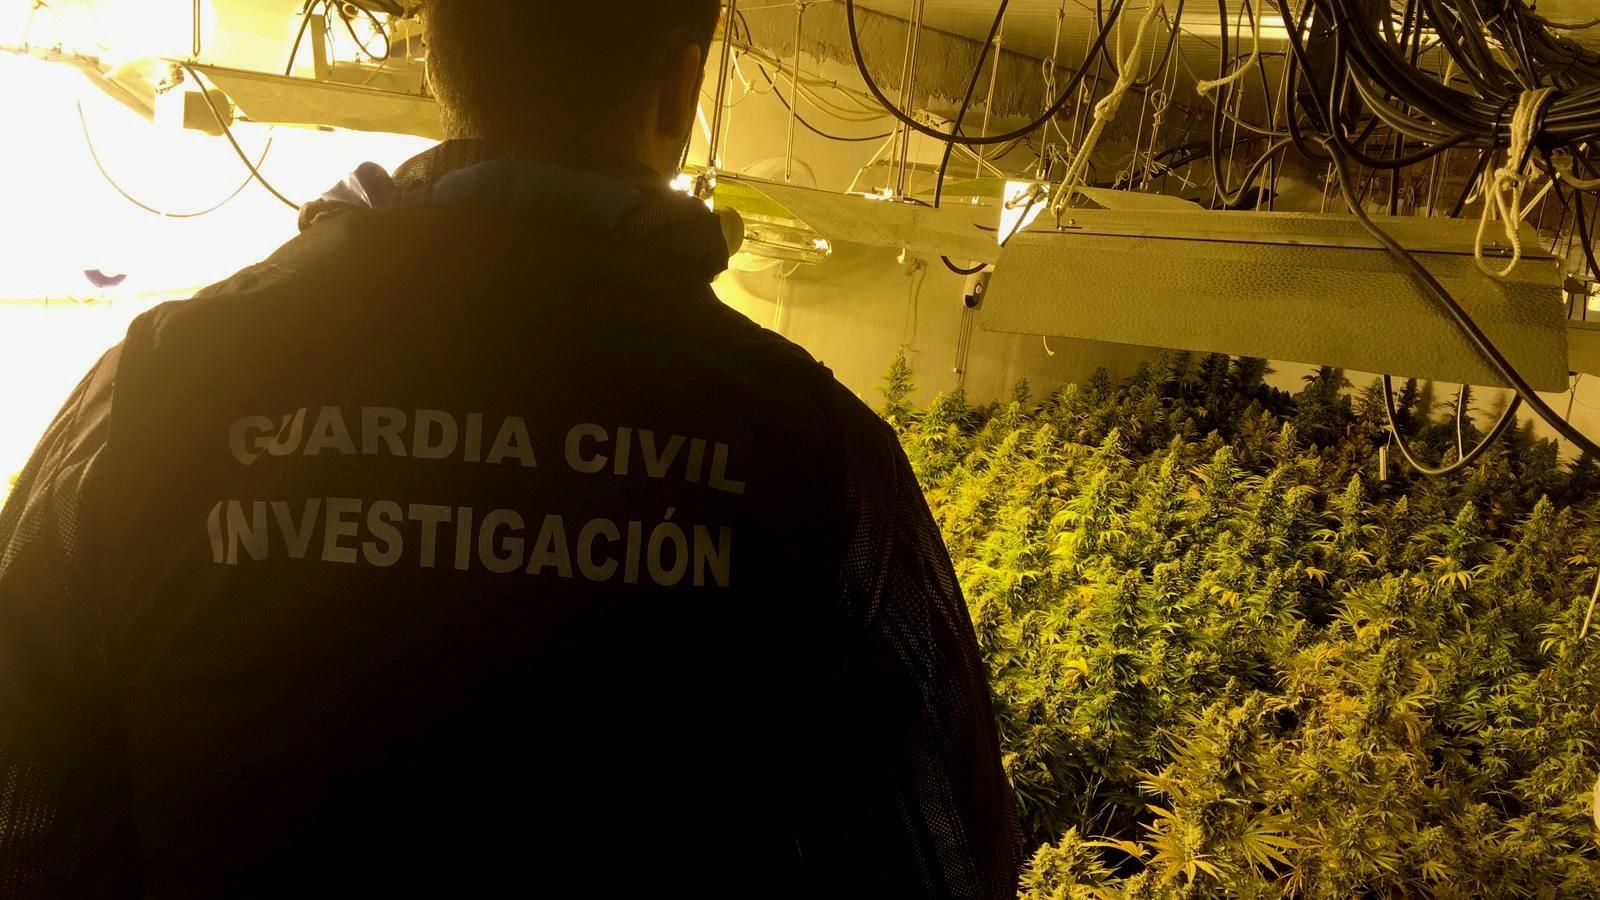 Dos investigados y 1.200 plantas de marihuana intervenidas en una operación en Santa Fe